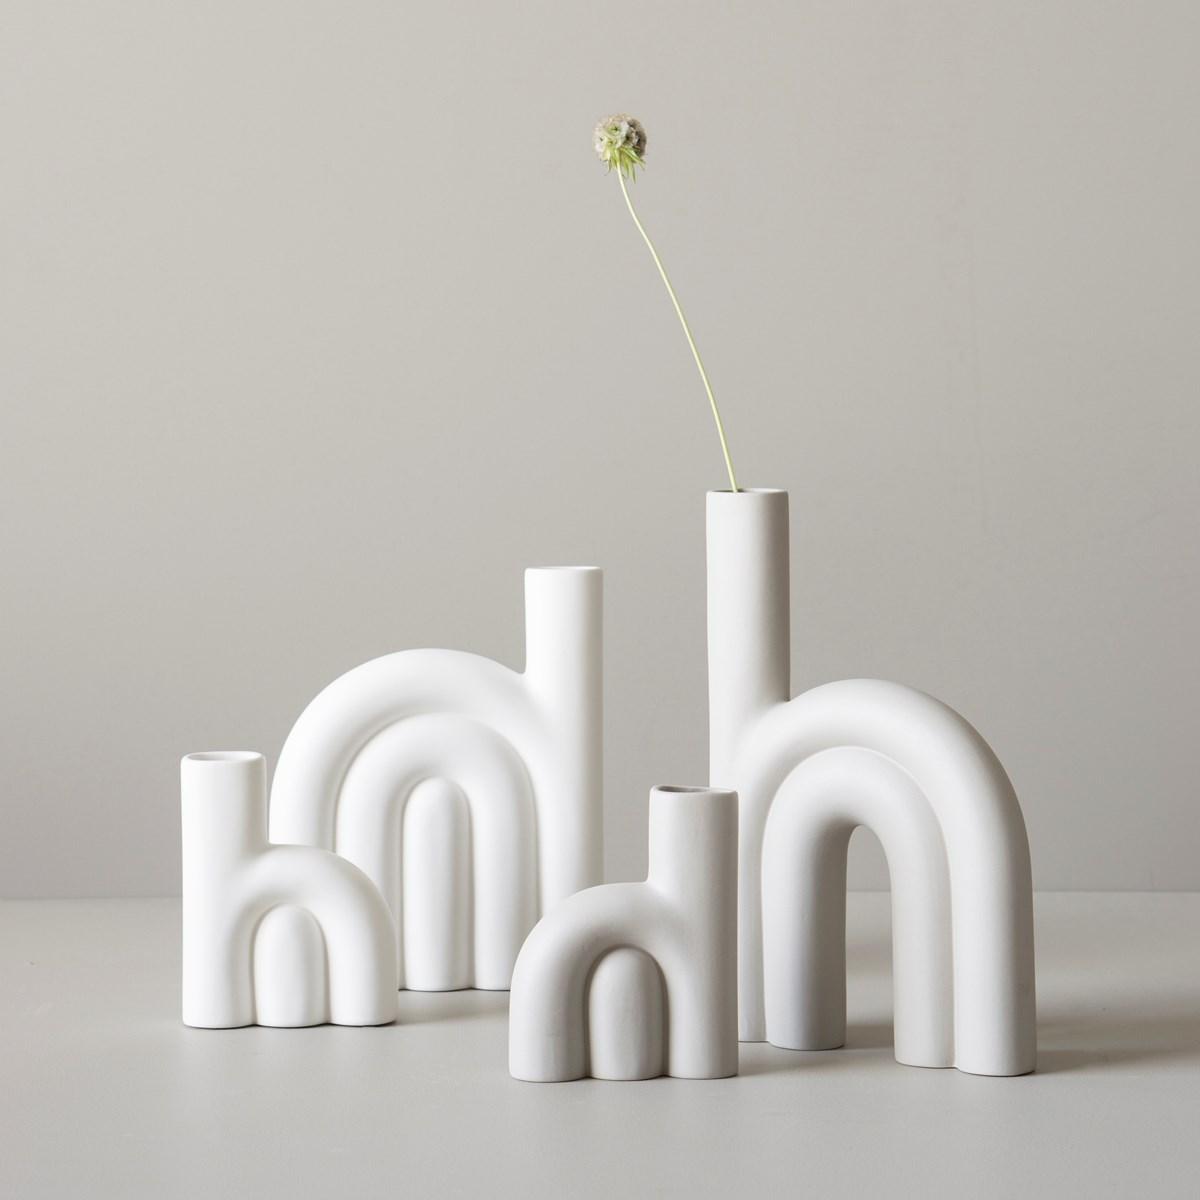 DBKD ROPE フラワーベース 15cm ホワイト 花瓶 北欧 スウェーデン